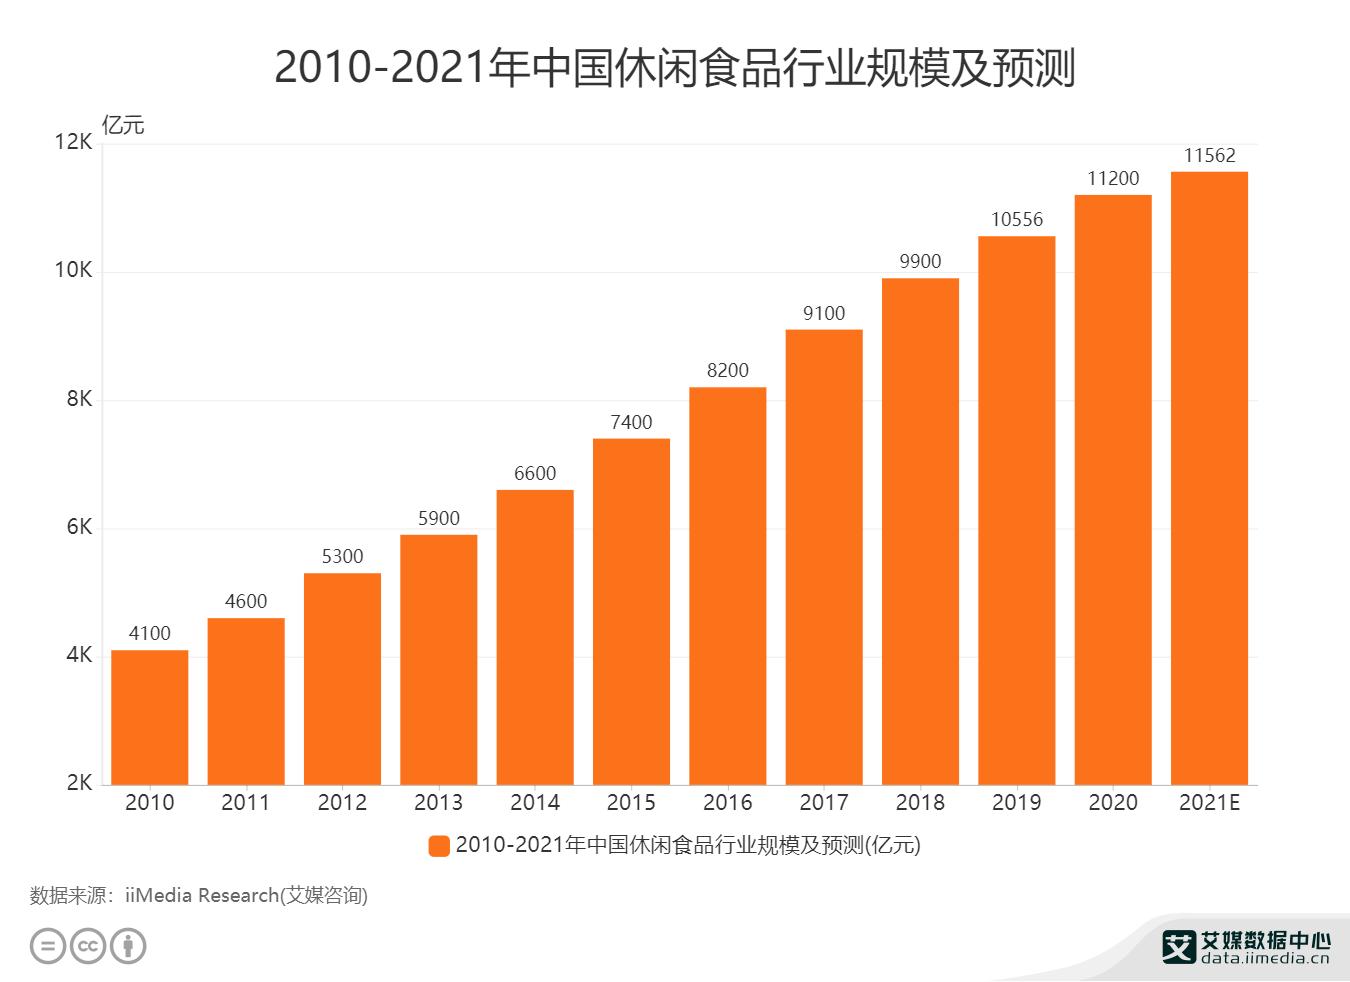 2010-2021年中国休闲食品行业规模及预测.png